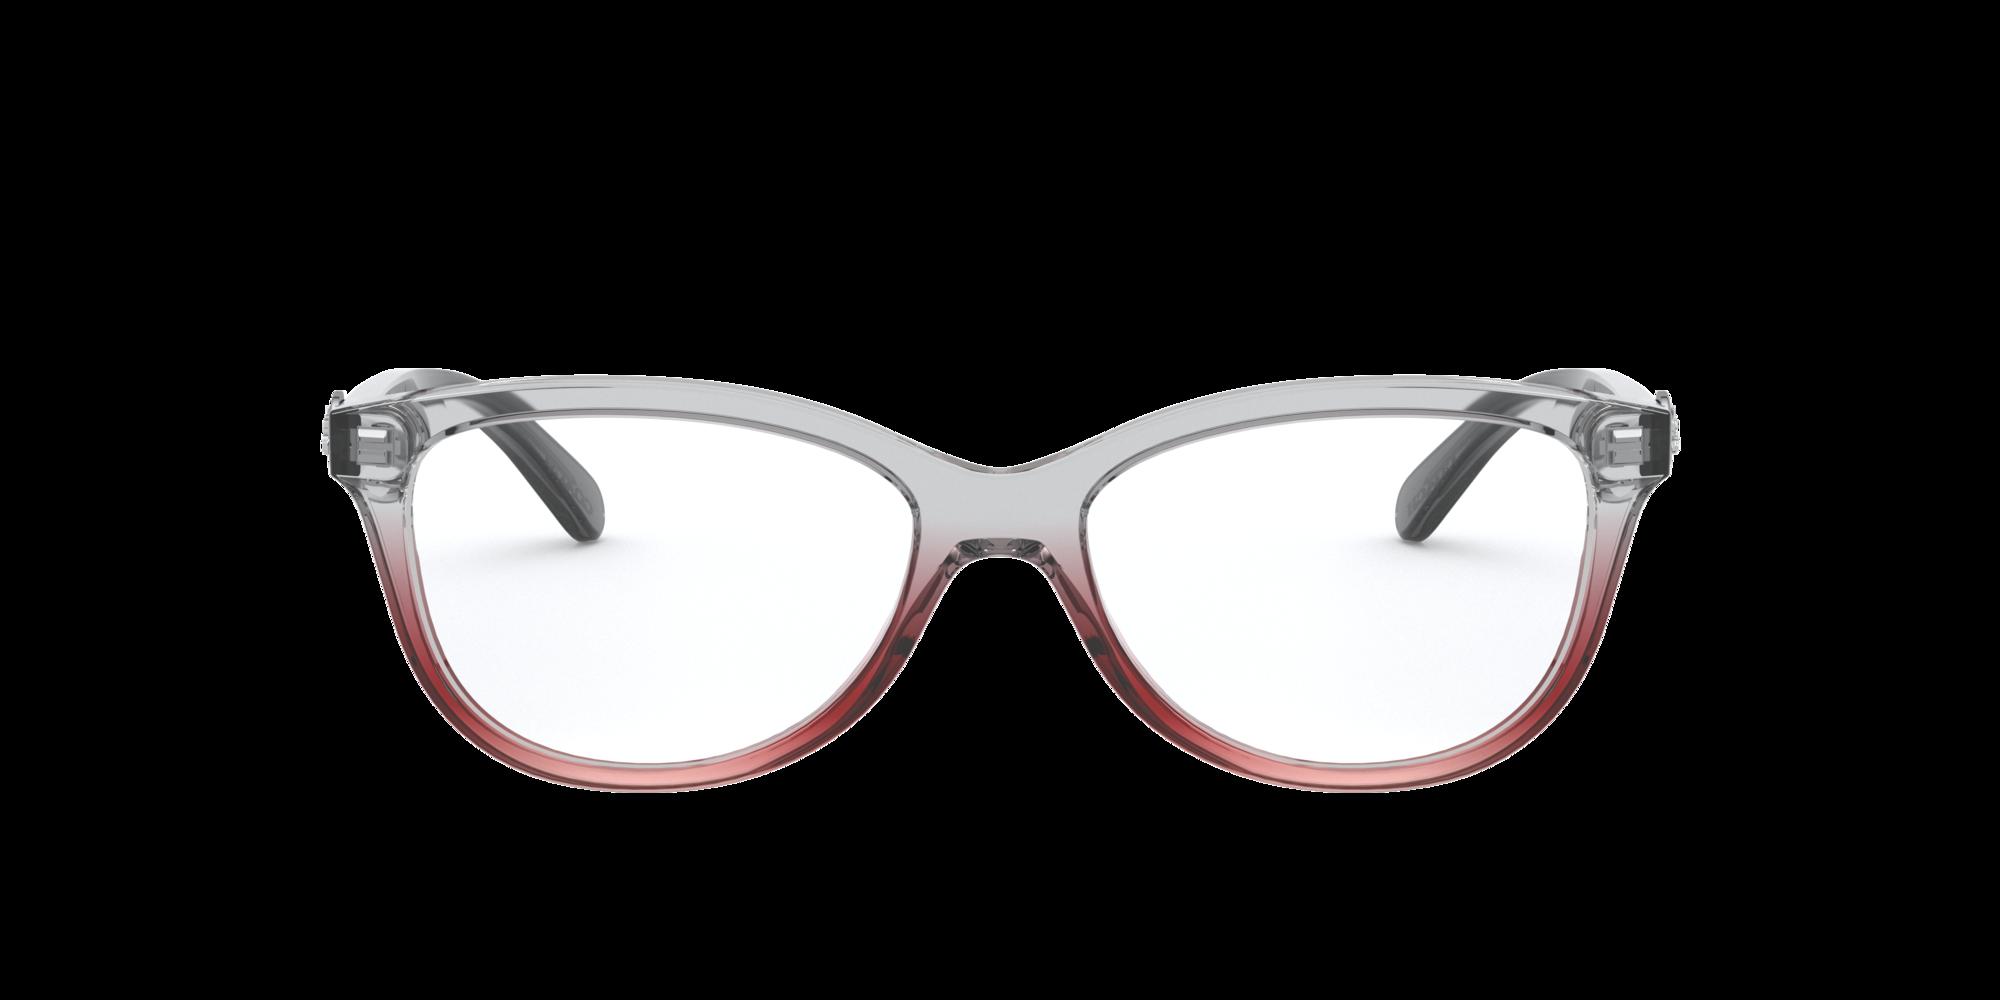 Imagen para HC6155 de LensCrafters    Espejuelos, espejuelos graduados en línea, gafas